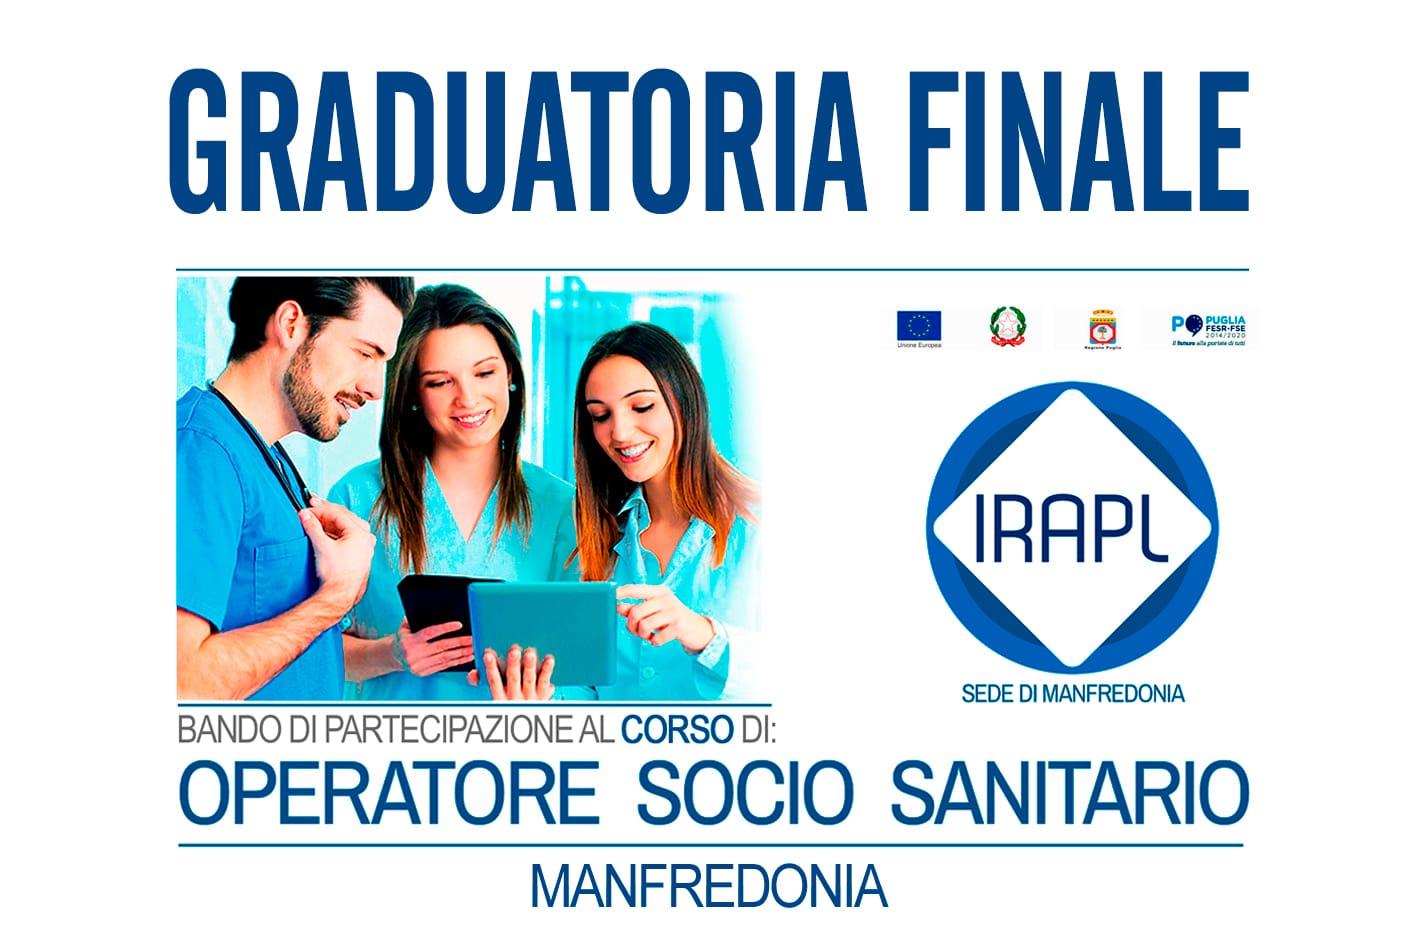 Graduatoria Finale - Corso Operatore Socio Sanitario OSS  IRAPL sede di Manfredonia